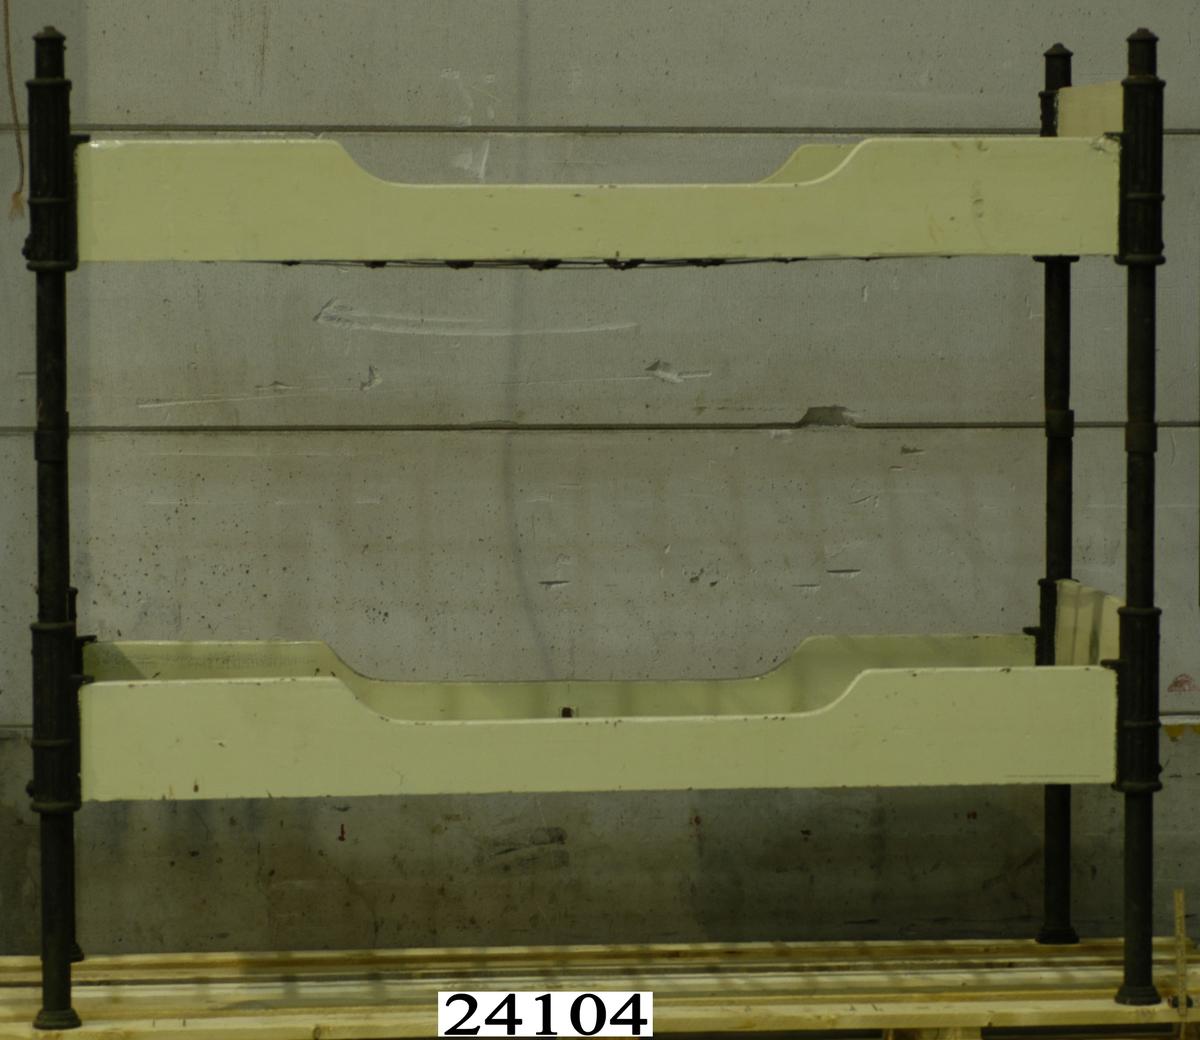 Delbar våningssäng. Grön- och svartmålad ram av gjutjärn. Lång- och kortsidor av trä, en kort och en långsida har ljusgålt målade trädelar. Gallerbottnar av metall. Kortsidorna av gjutjärn har en krona och två snedställda ankare på var sida i relief. Träsidor på en kort och en långsida ej gulmålade, dessa har sin bruna färg kvar.